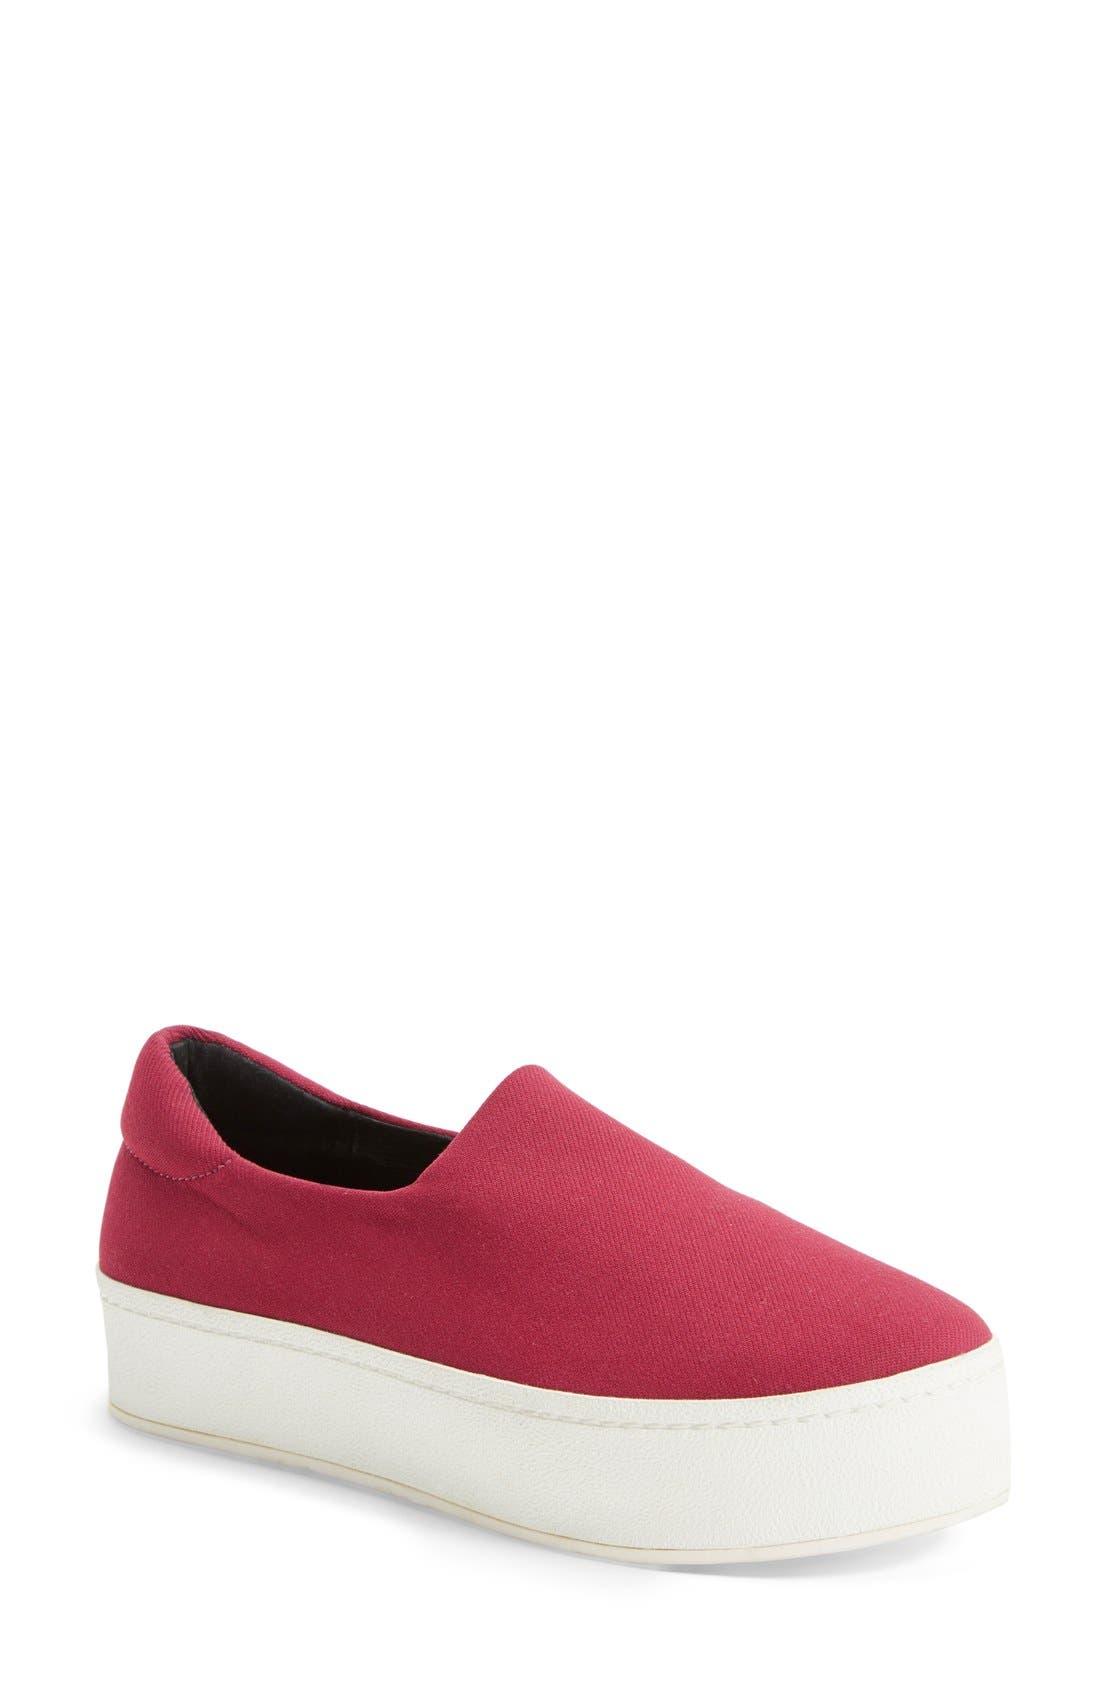 'Grunge' Slip-On Platform Sneaker,                             Main thumbnail 1, color,                             Raspberry